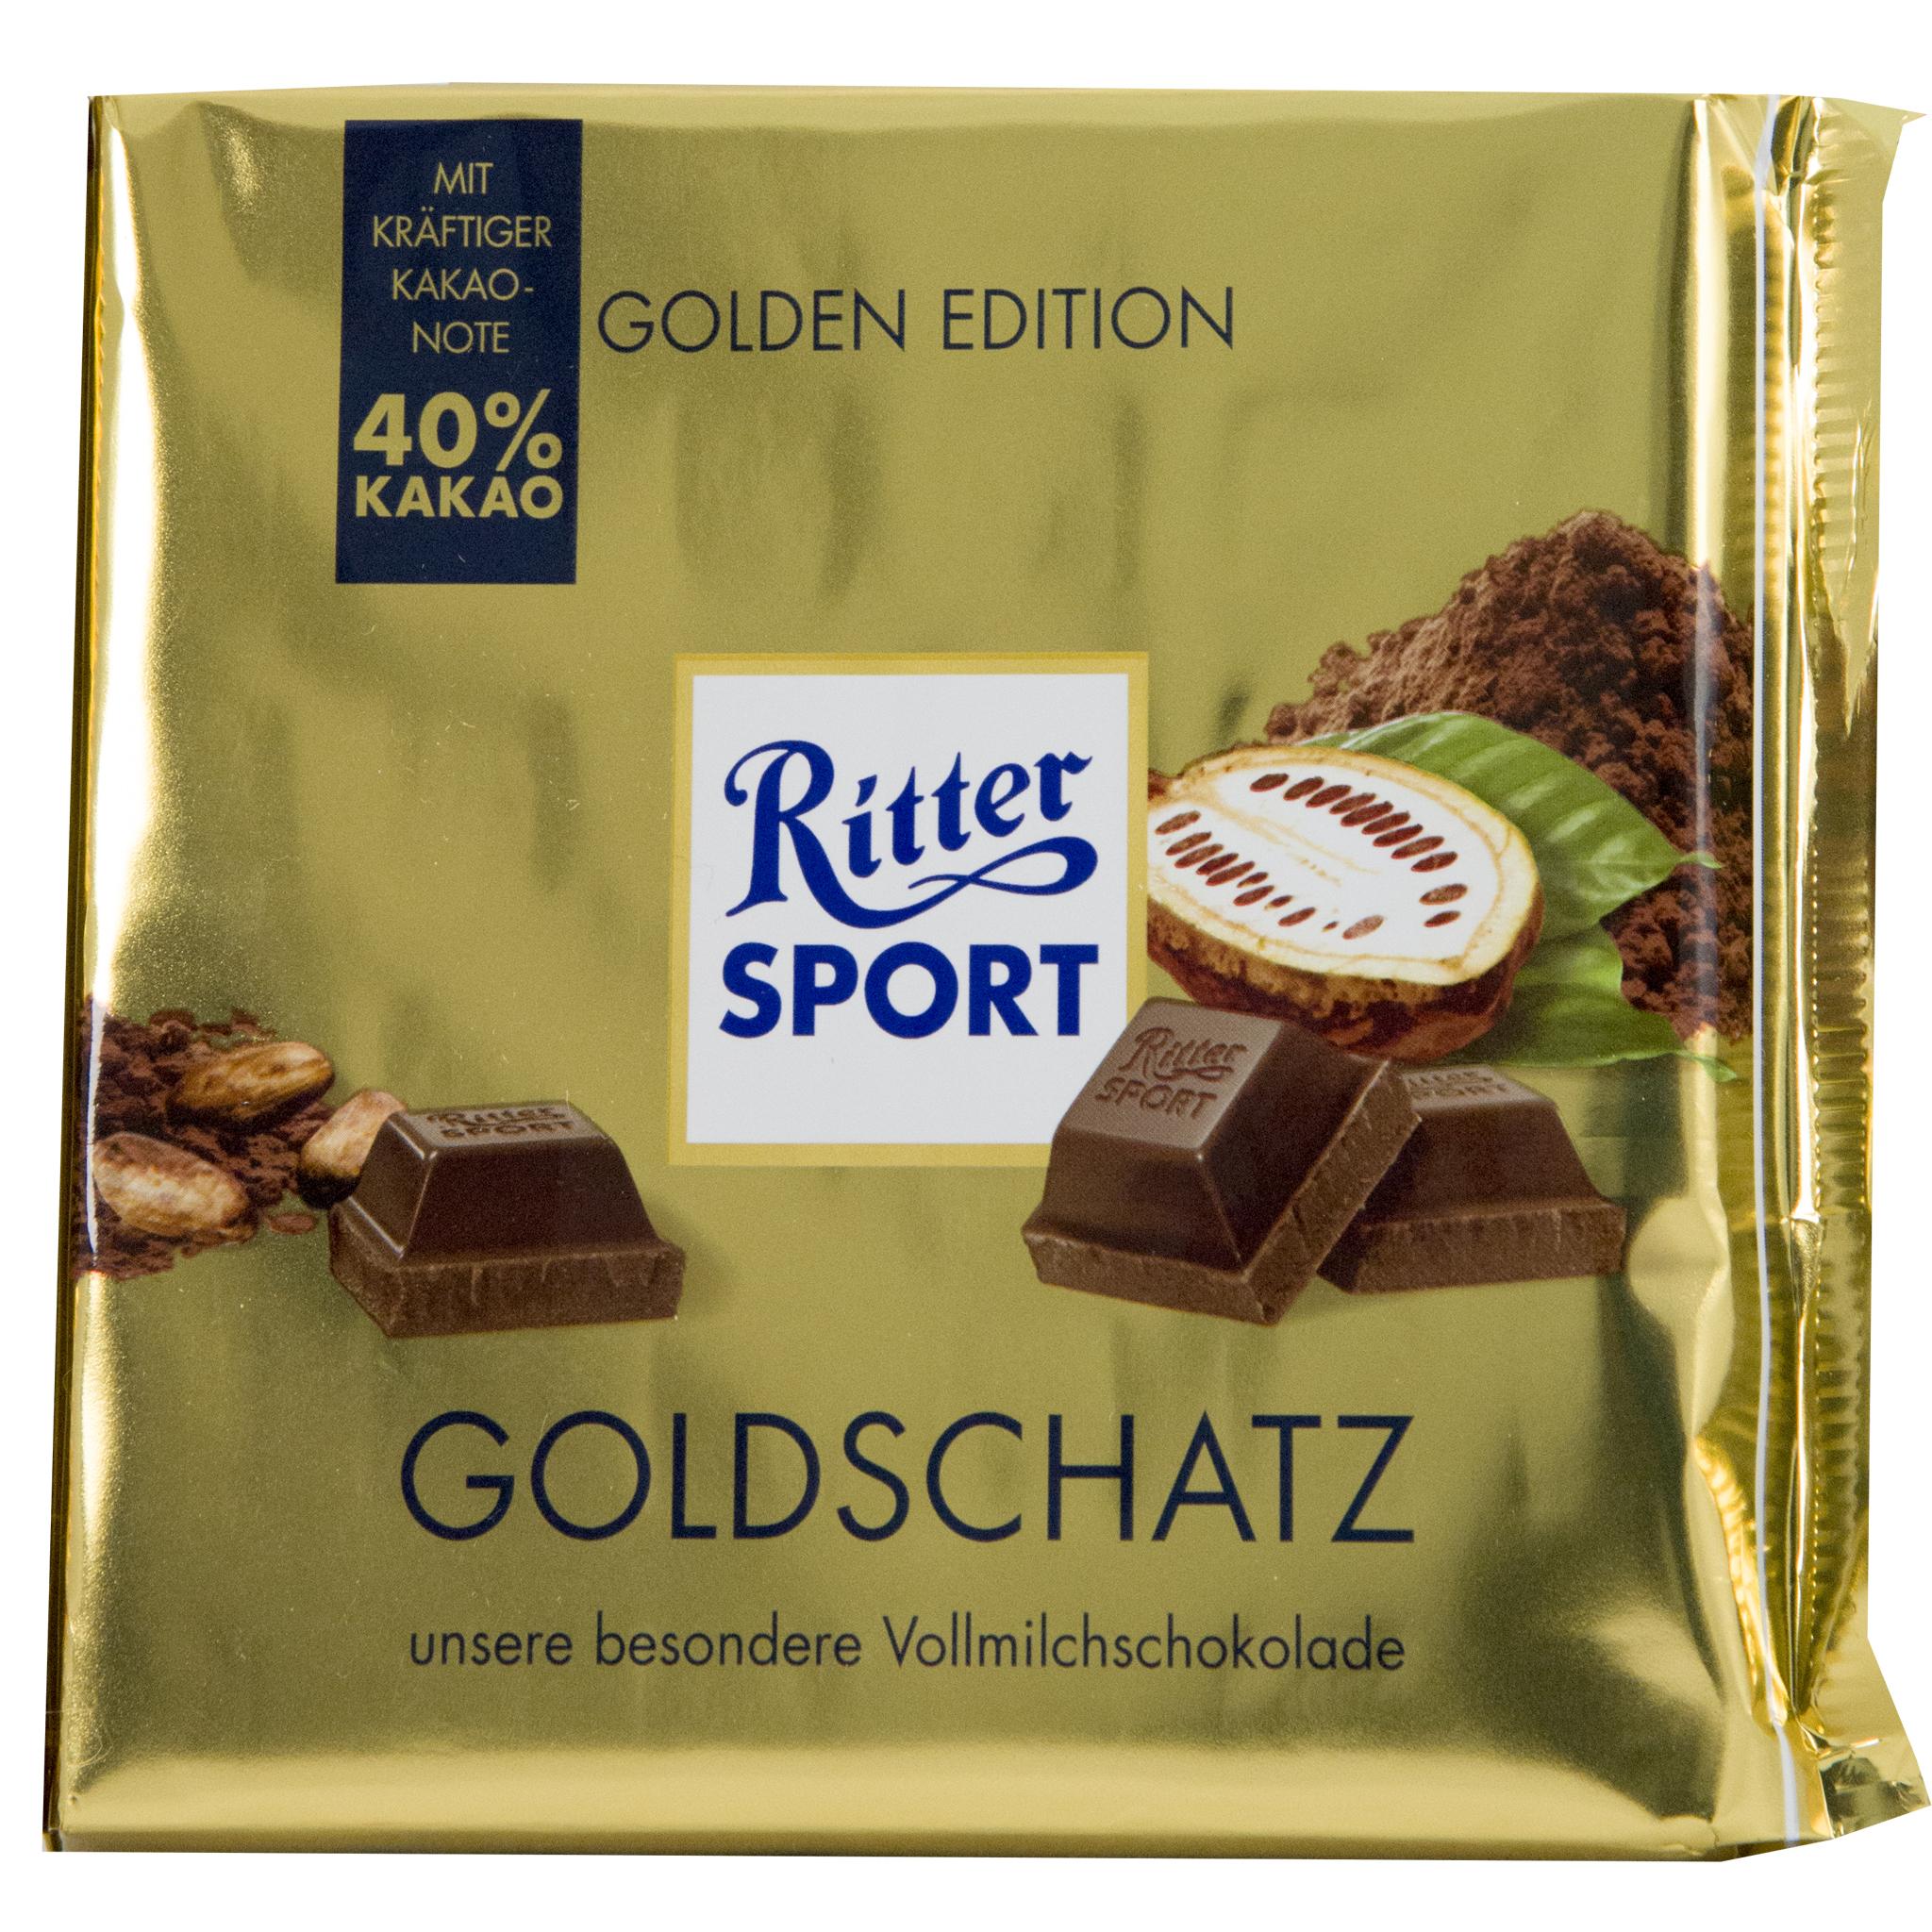 Golden ritter sport peanuts xxl Ritter Sport